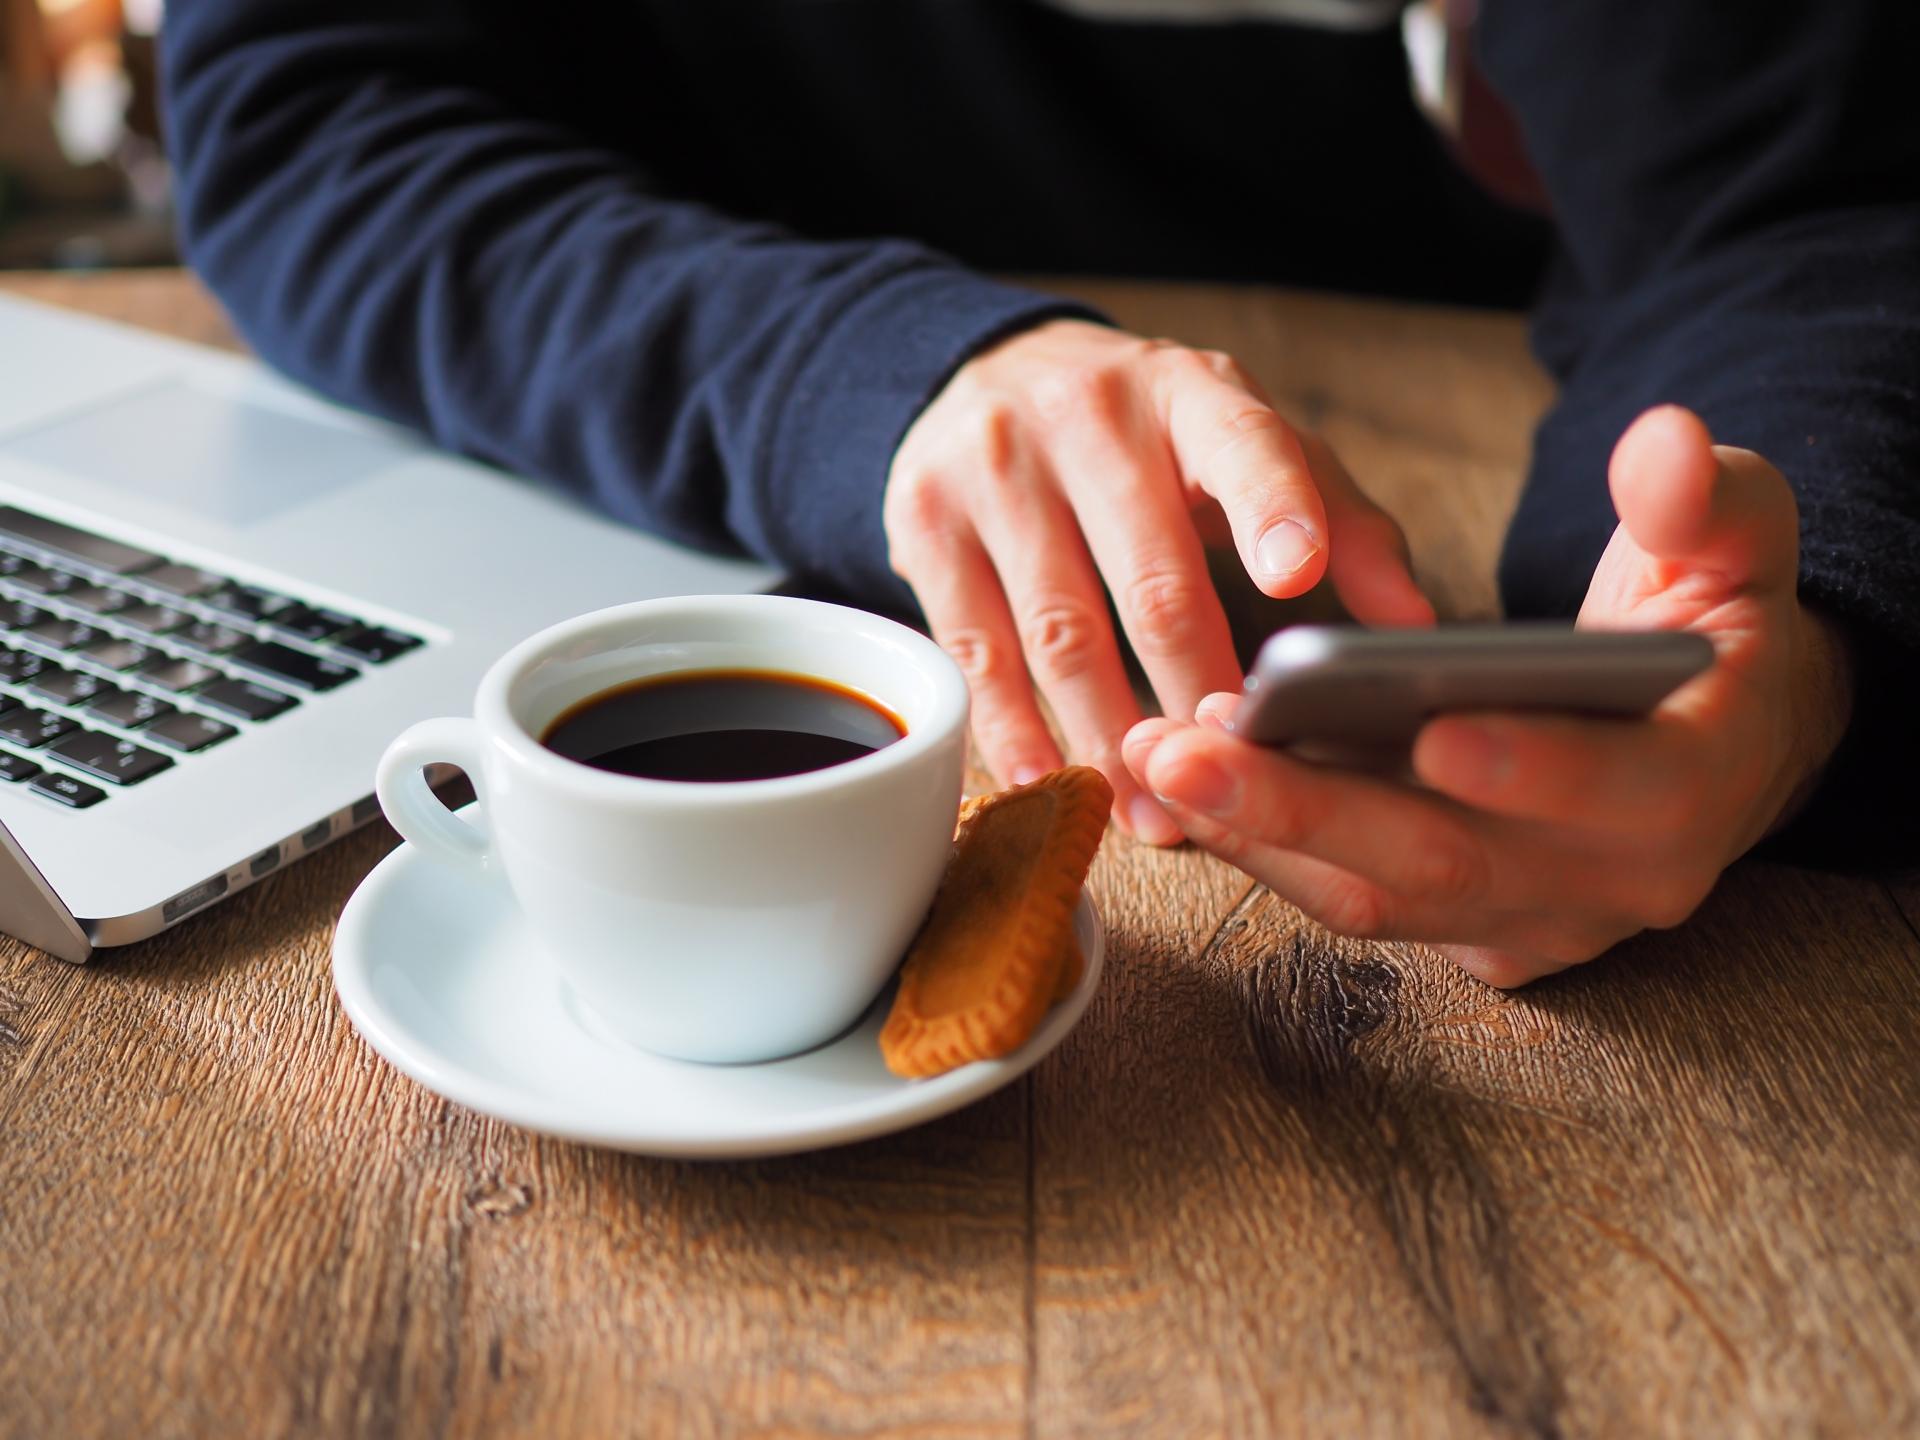 ネカフェの正社員の評判とは?ネカフェや漫画喫茶は将来性がない!?